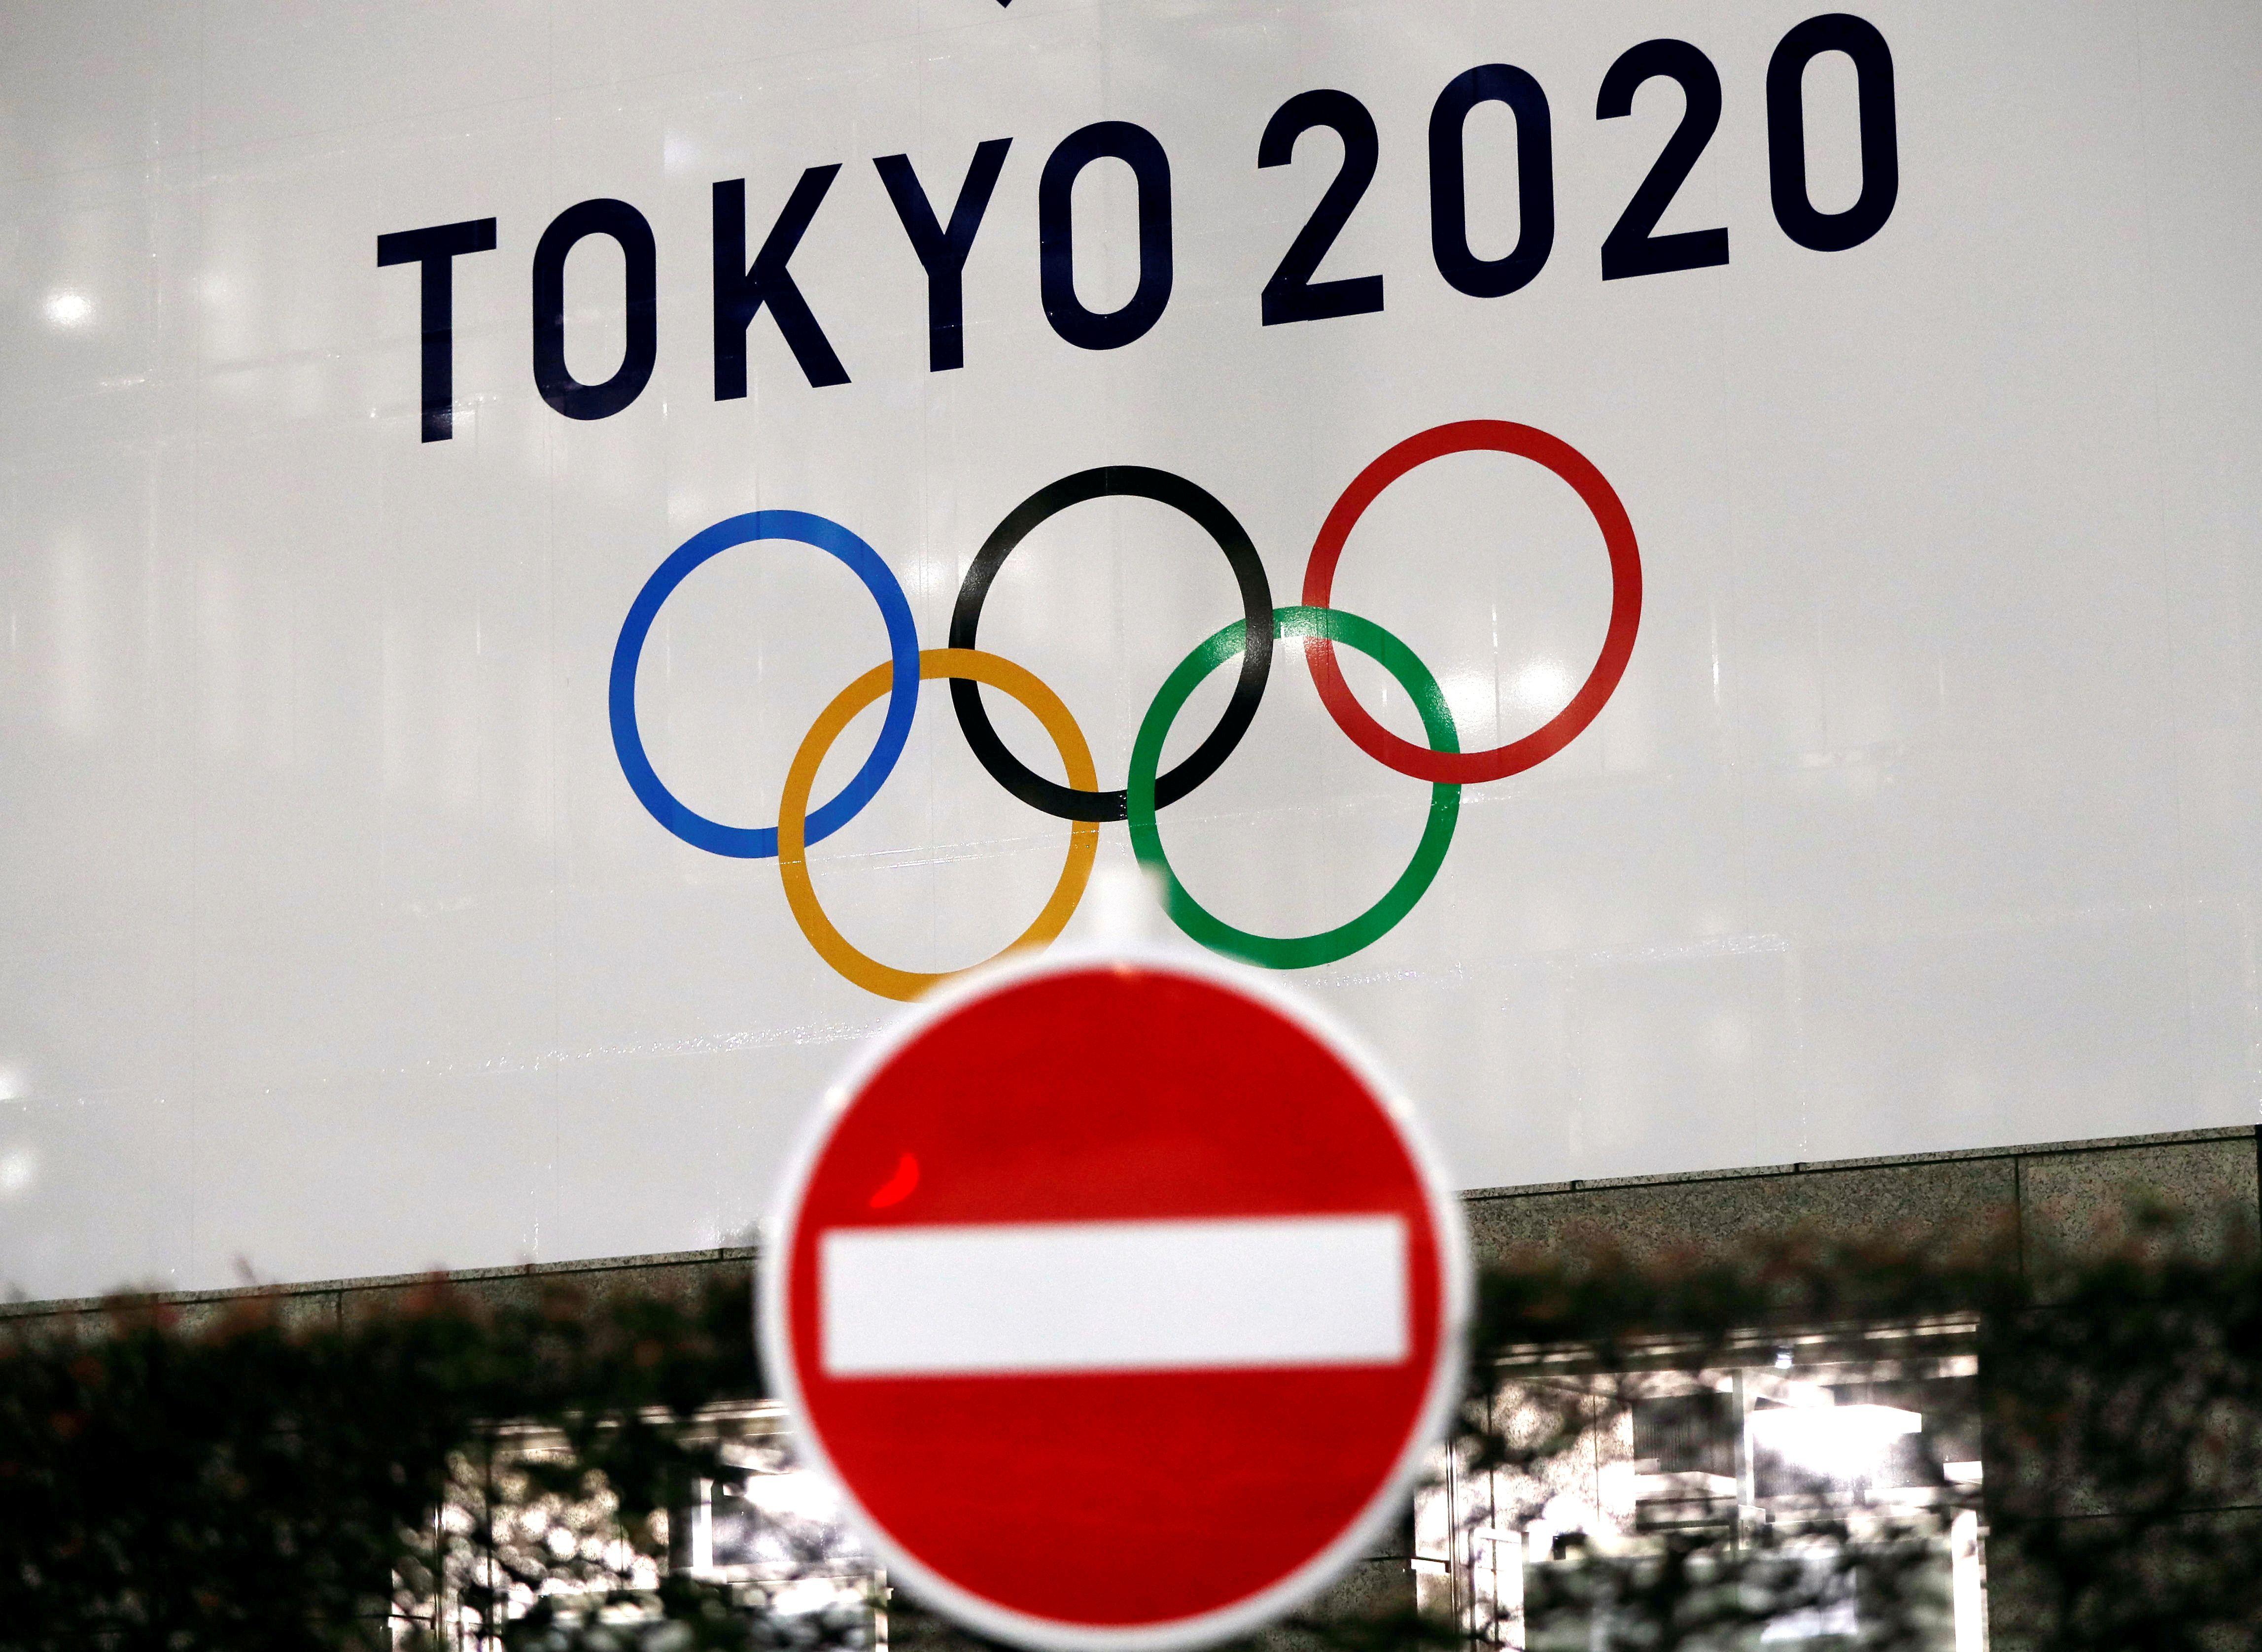 Tokio 2020 fue postergado para el 2021 debido a la expansión del coronavirus en todo el mundo (REUTERS/Issei Kato/File Photo)